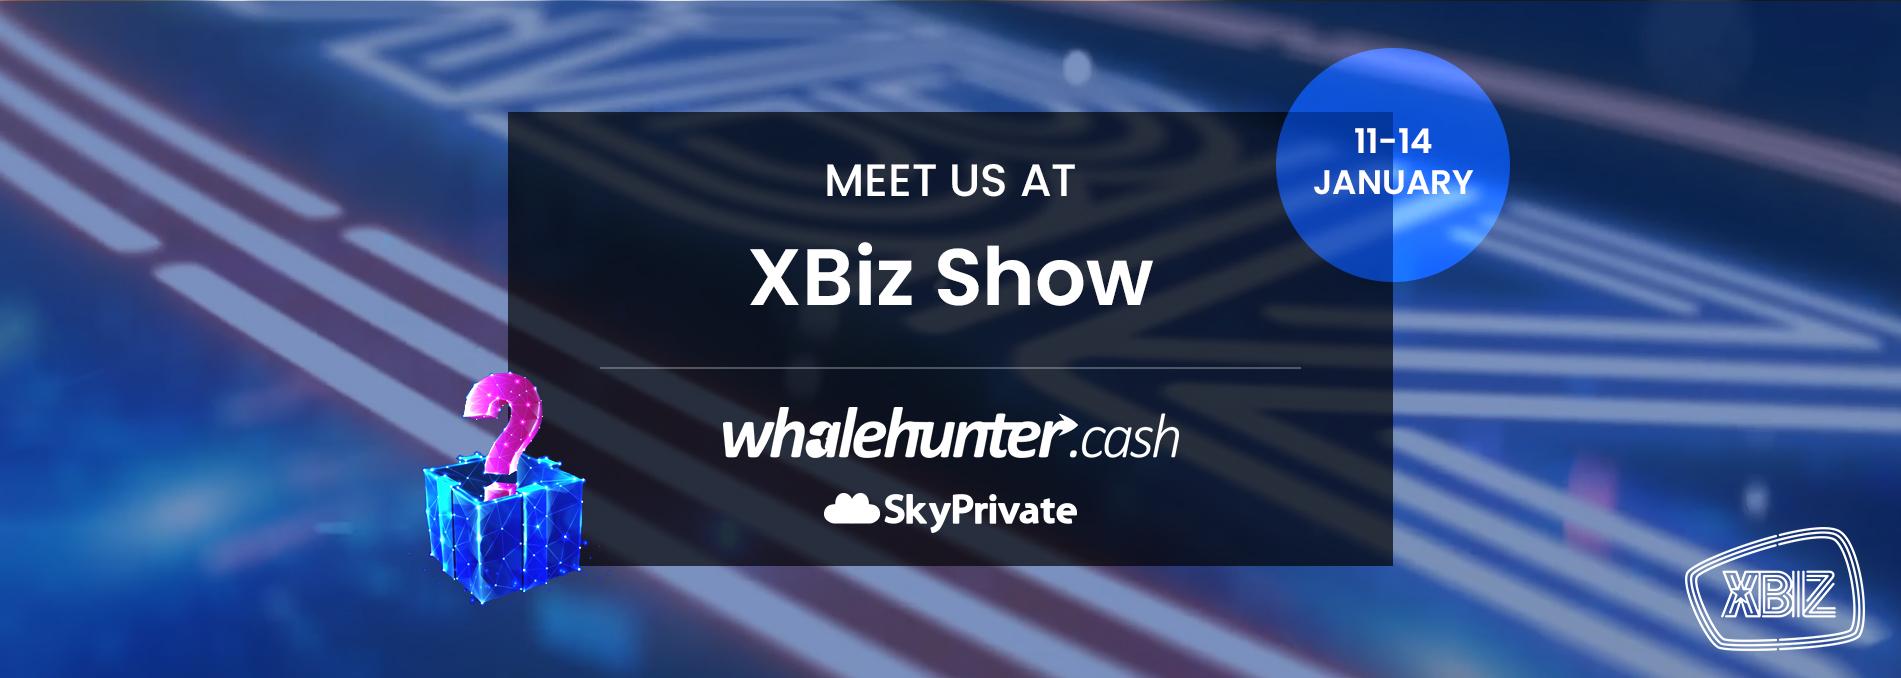 Meet WhaleHunter.cash at XBiz Show 2021